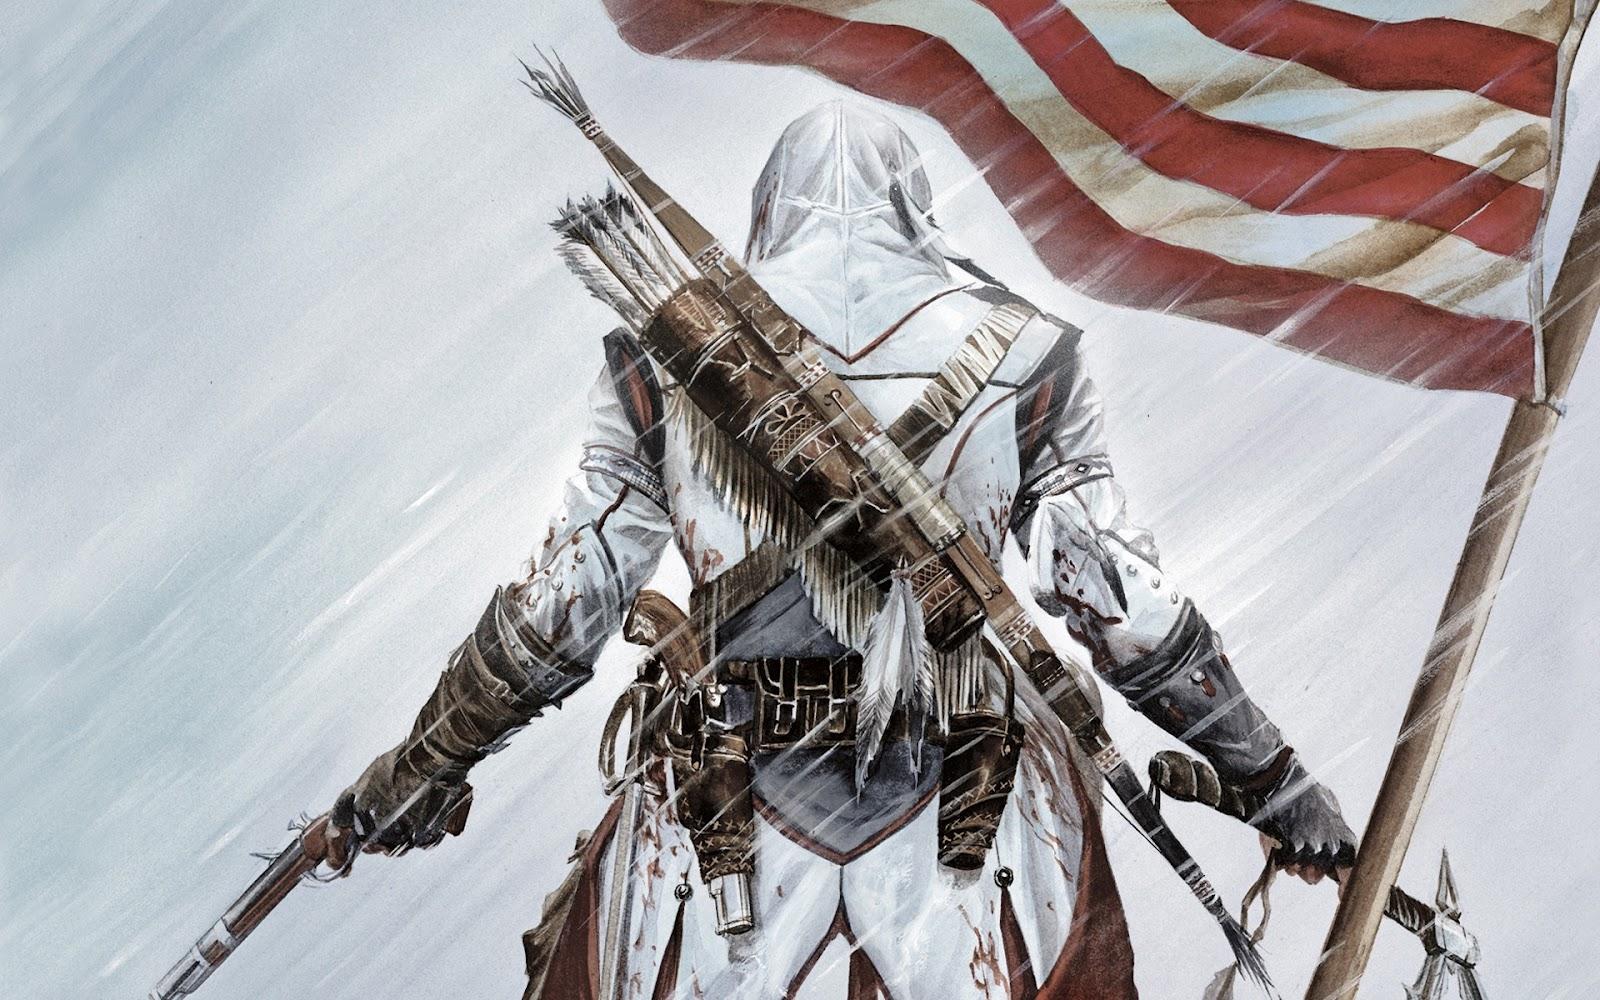 Wallpapers   Assassins Creed III   HD   Taringa 1600x1000